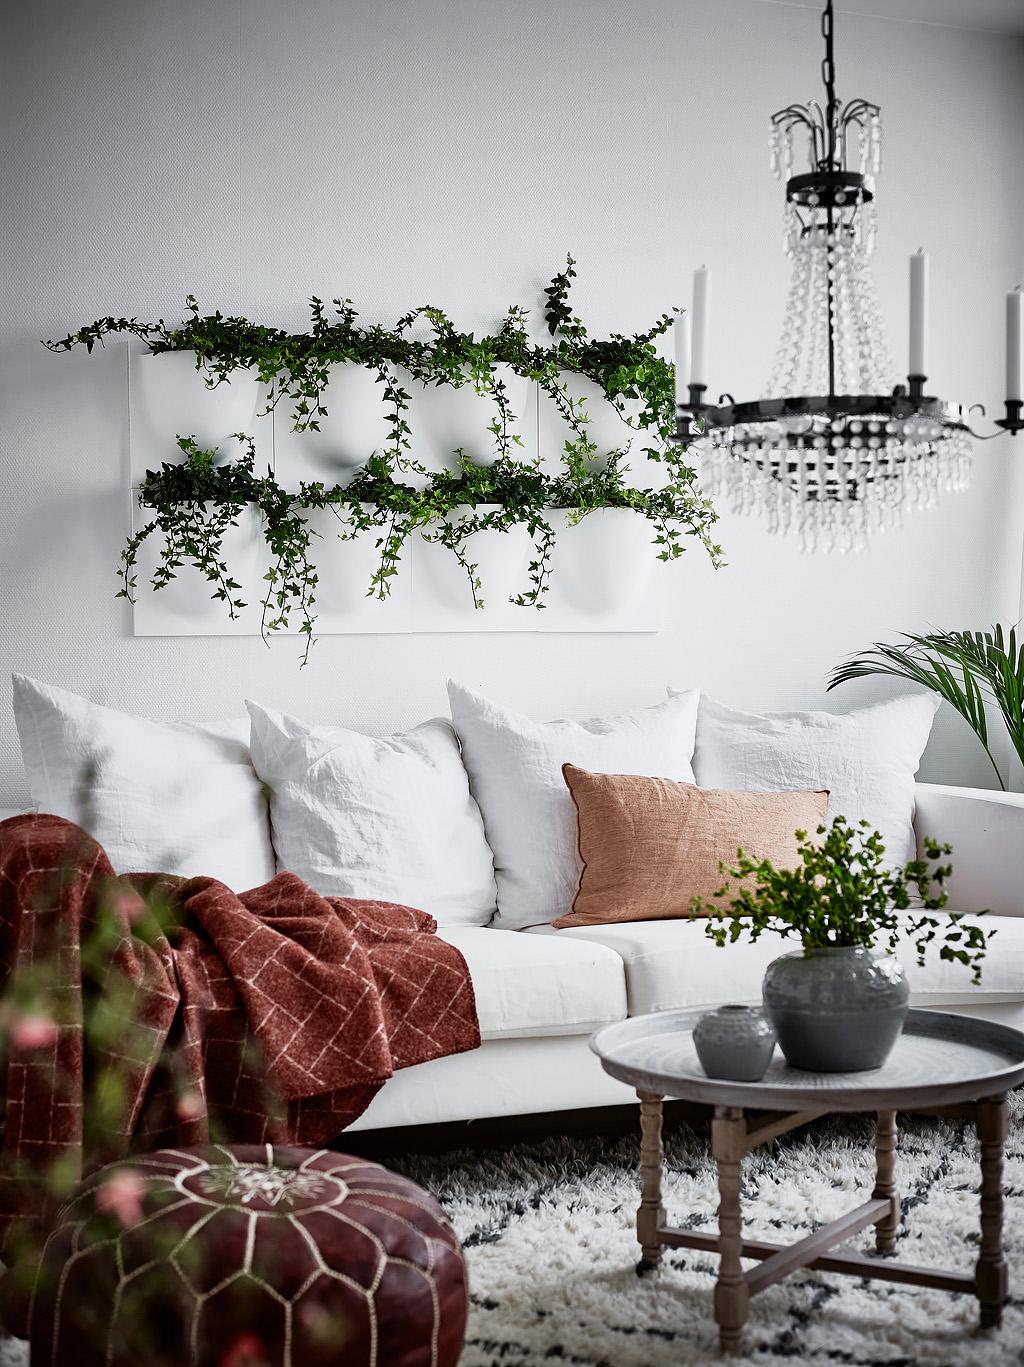 Växter som hänger på väggarna och kompletterar heminredningen